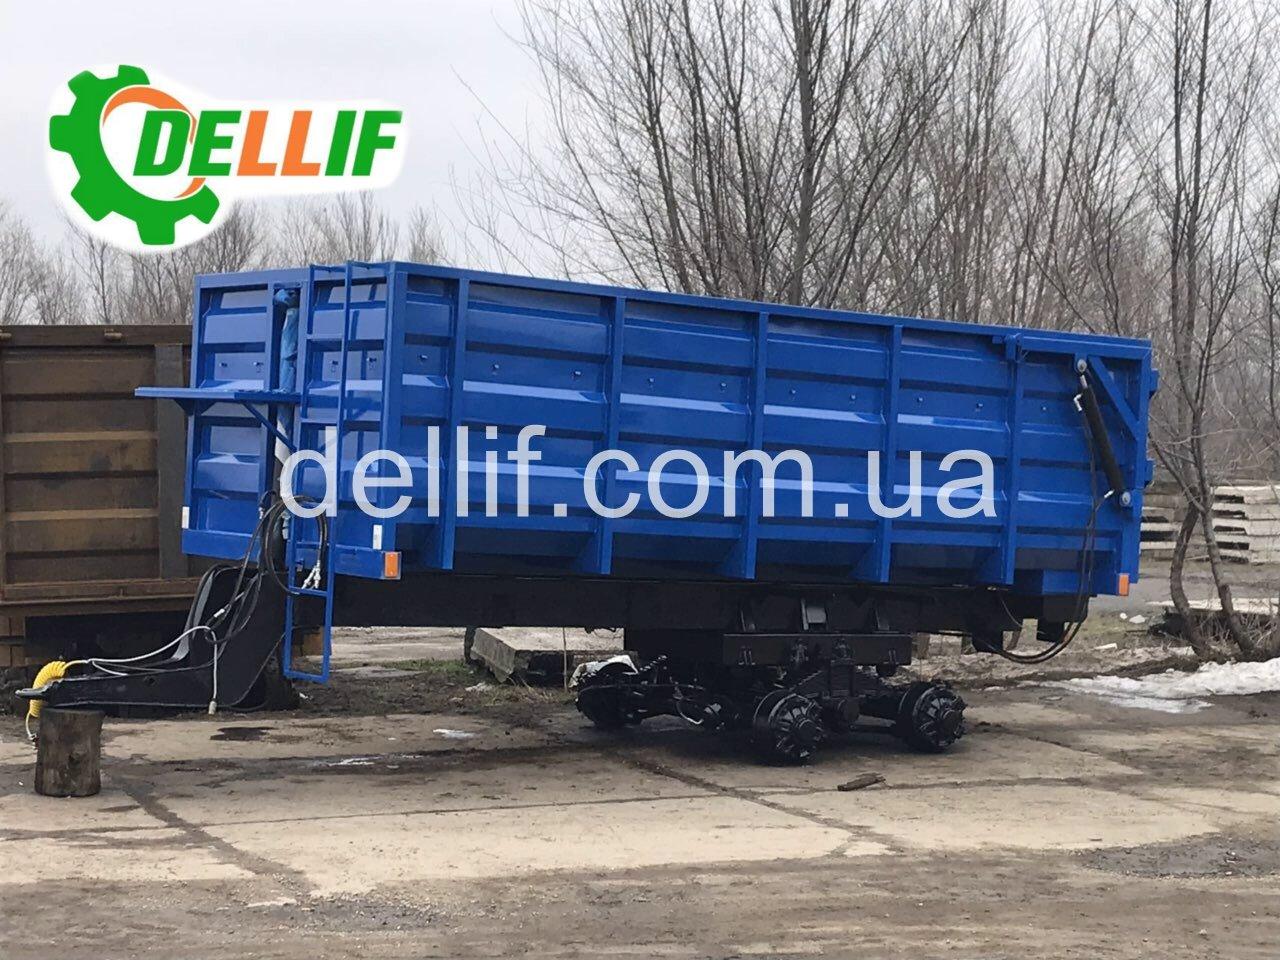 Прицеп тракторный 2 ПТС-16 - Деллиф